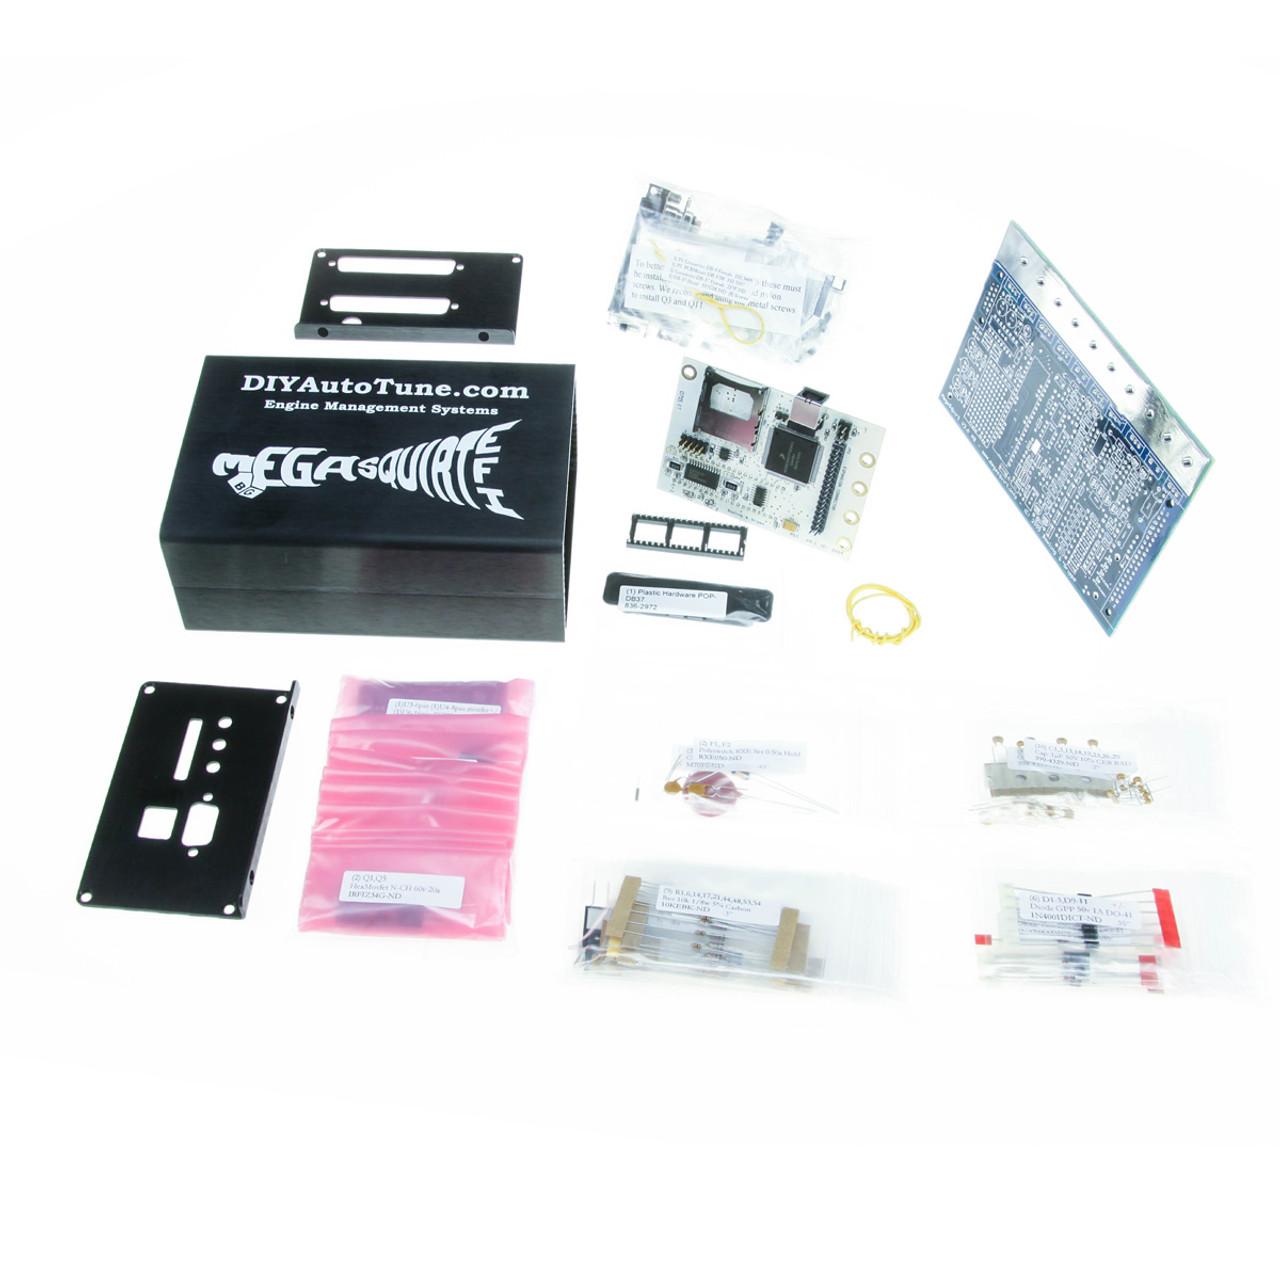 Megasquirt 3 V3 - Builder Kit